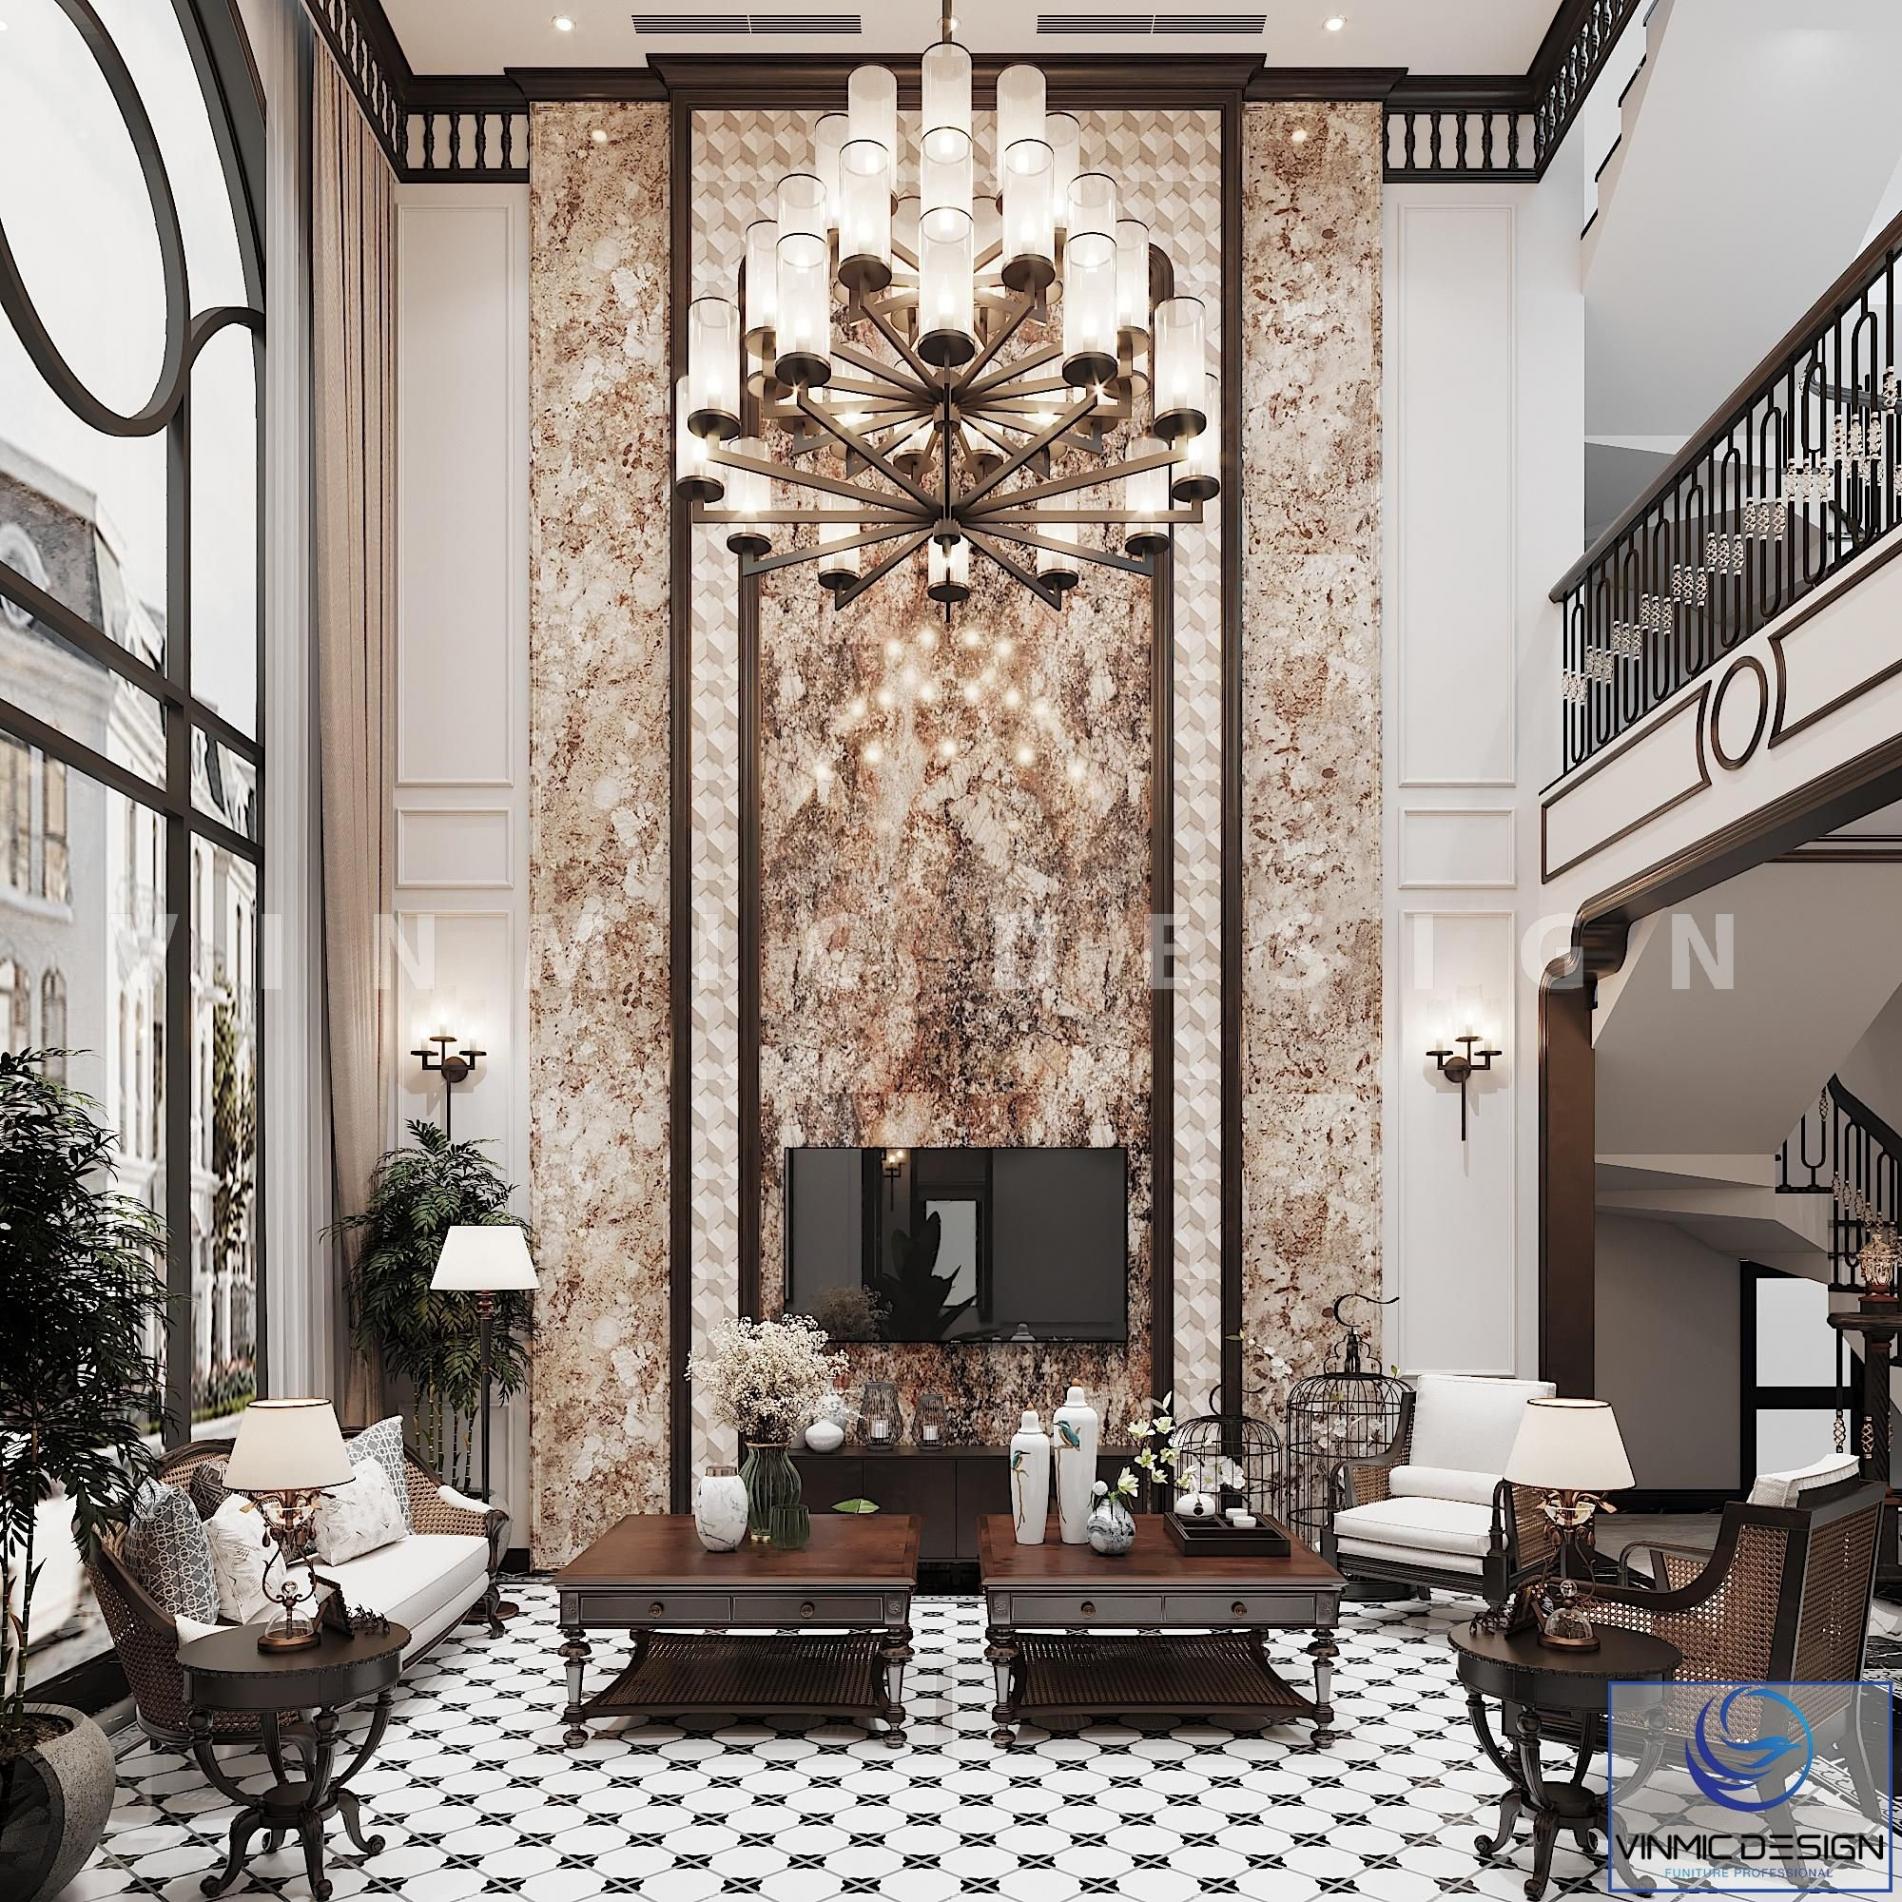 Thiết kế nội thất phòng khách phong cách Indochine của biệt thự Vinhomes Imperia Hải Phòng